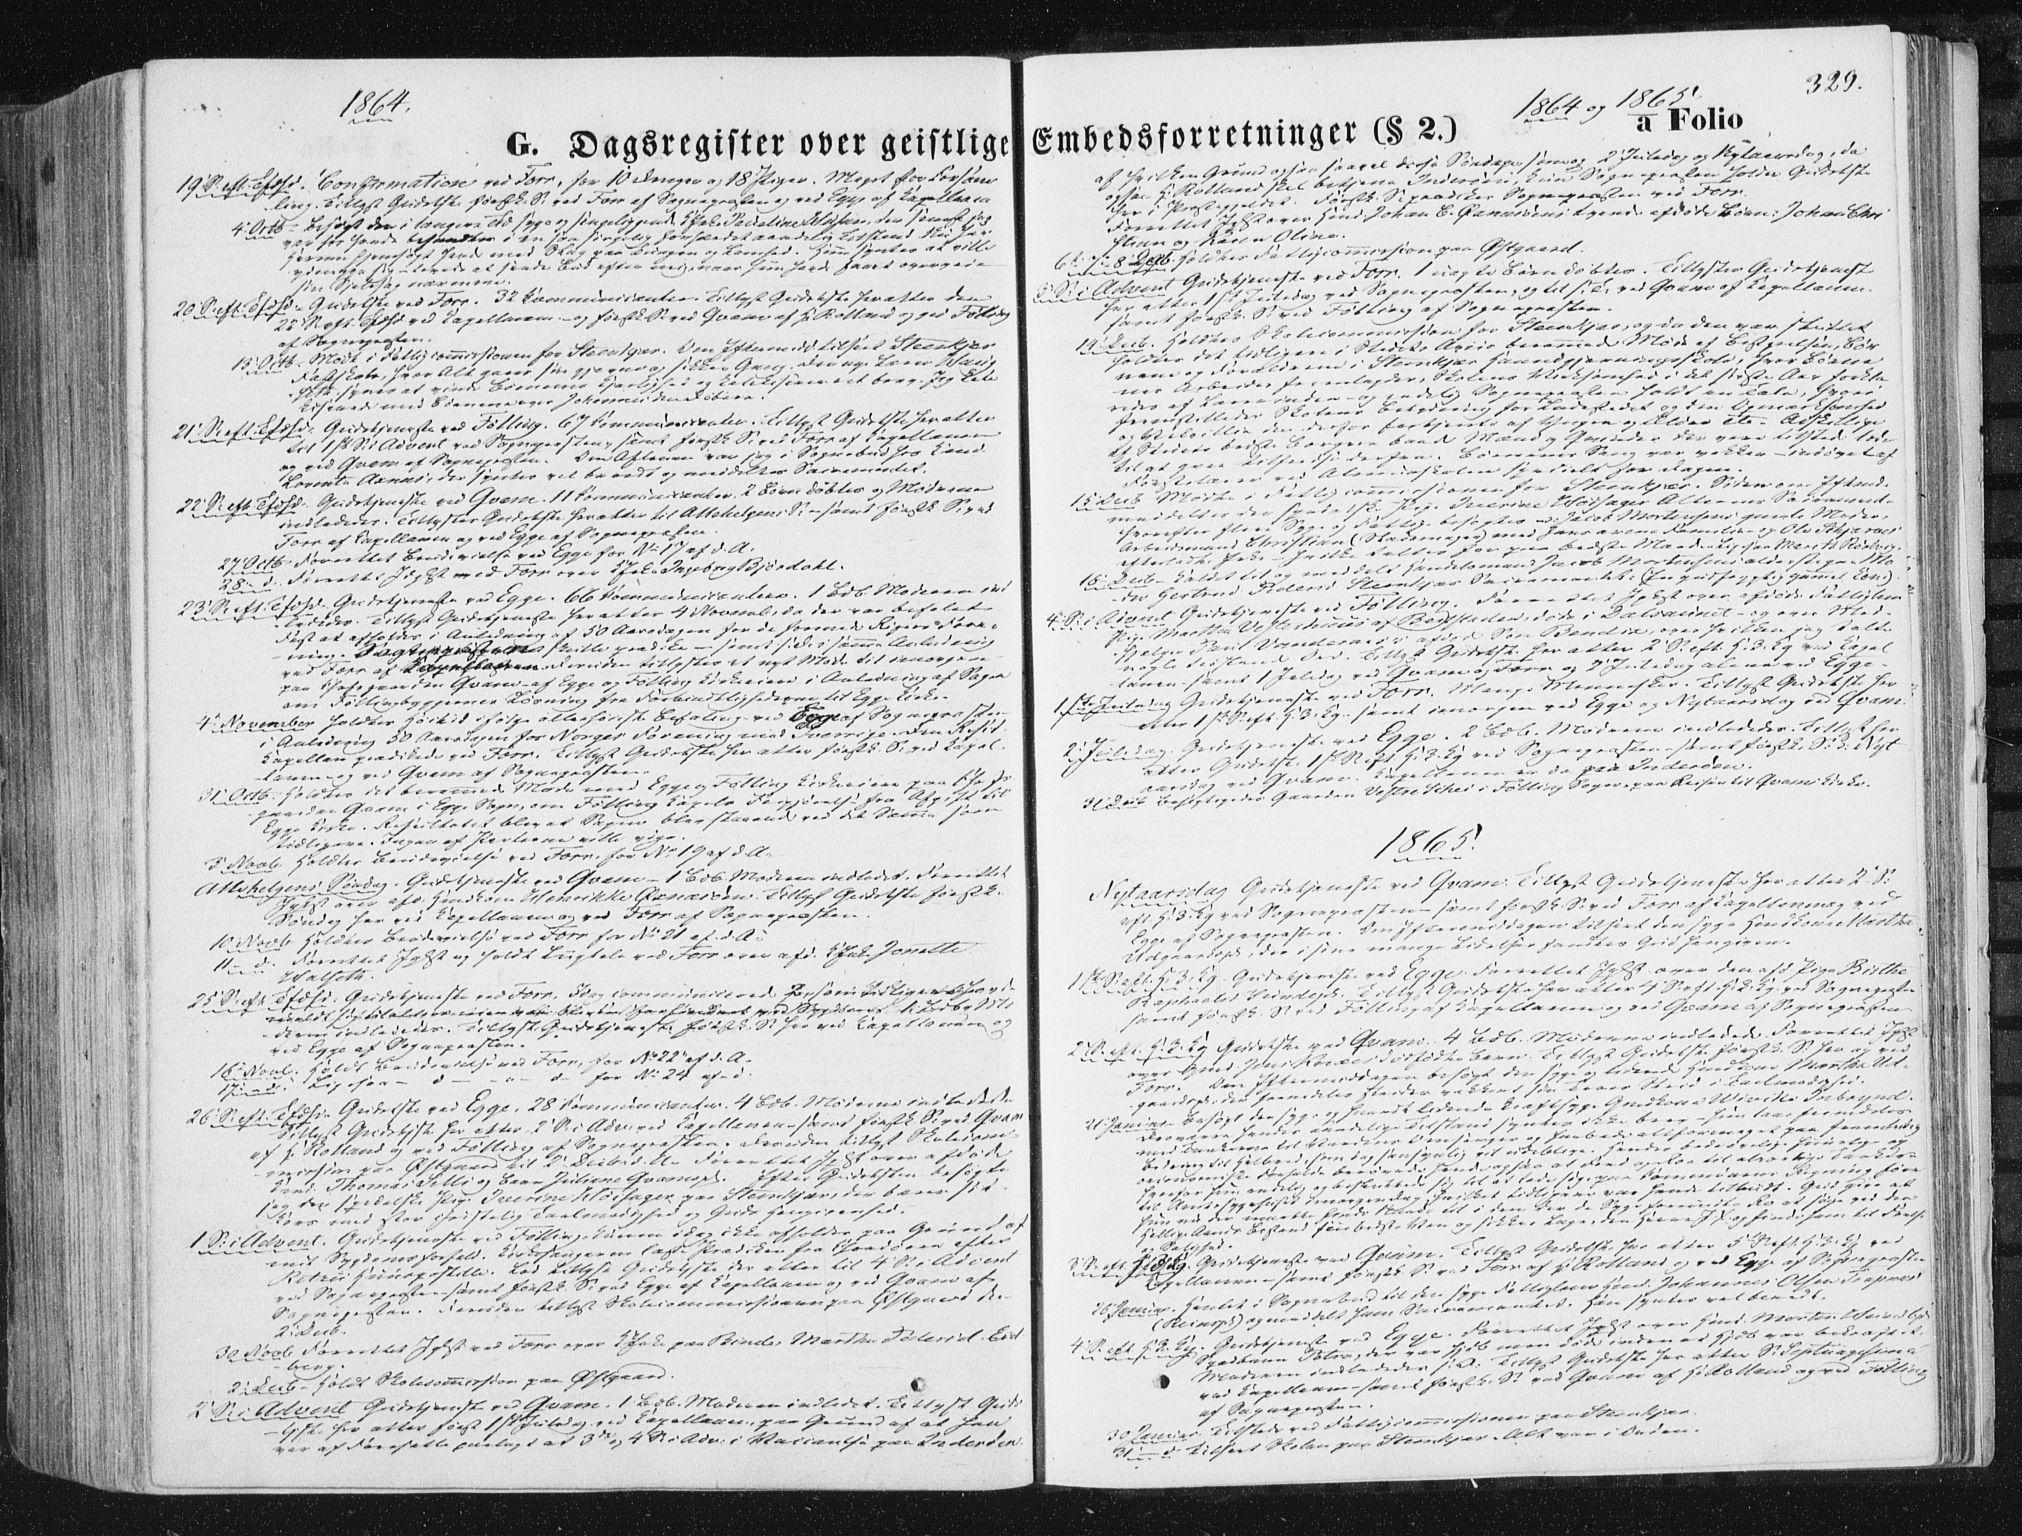 SAT, Ministerialprotokoller, klokkerbøker og fødselsregistre - Nord-Trøndelag, 746/L0447: Ministerialbok nr. 746A06, 1860-1877, s. 329